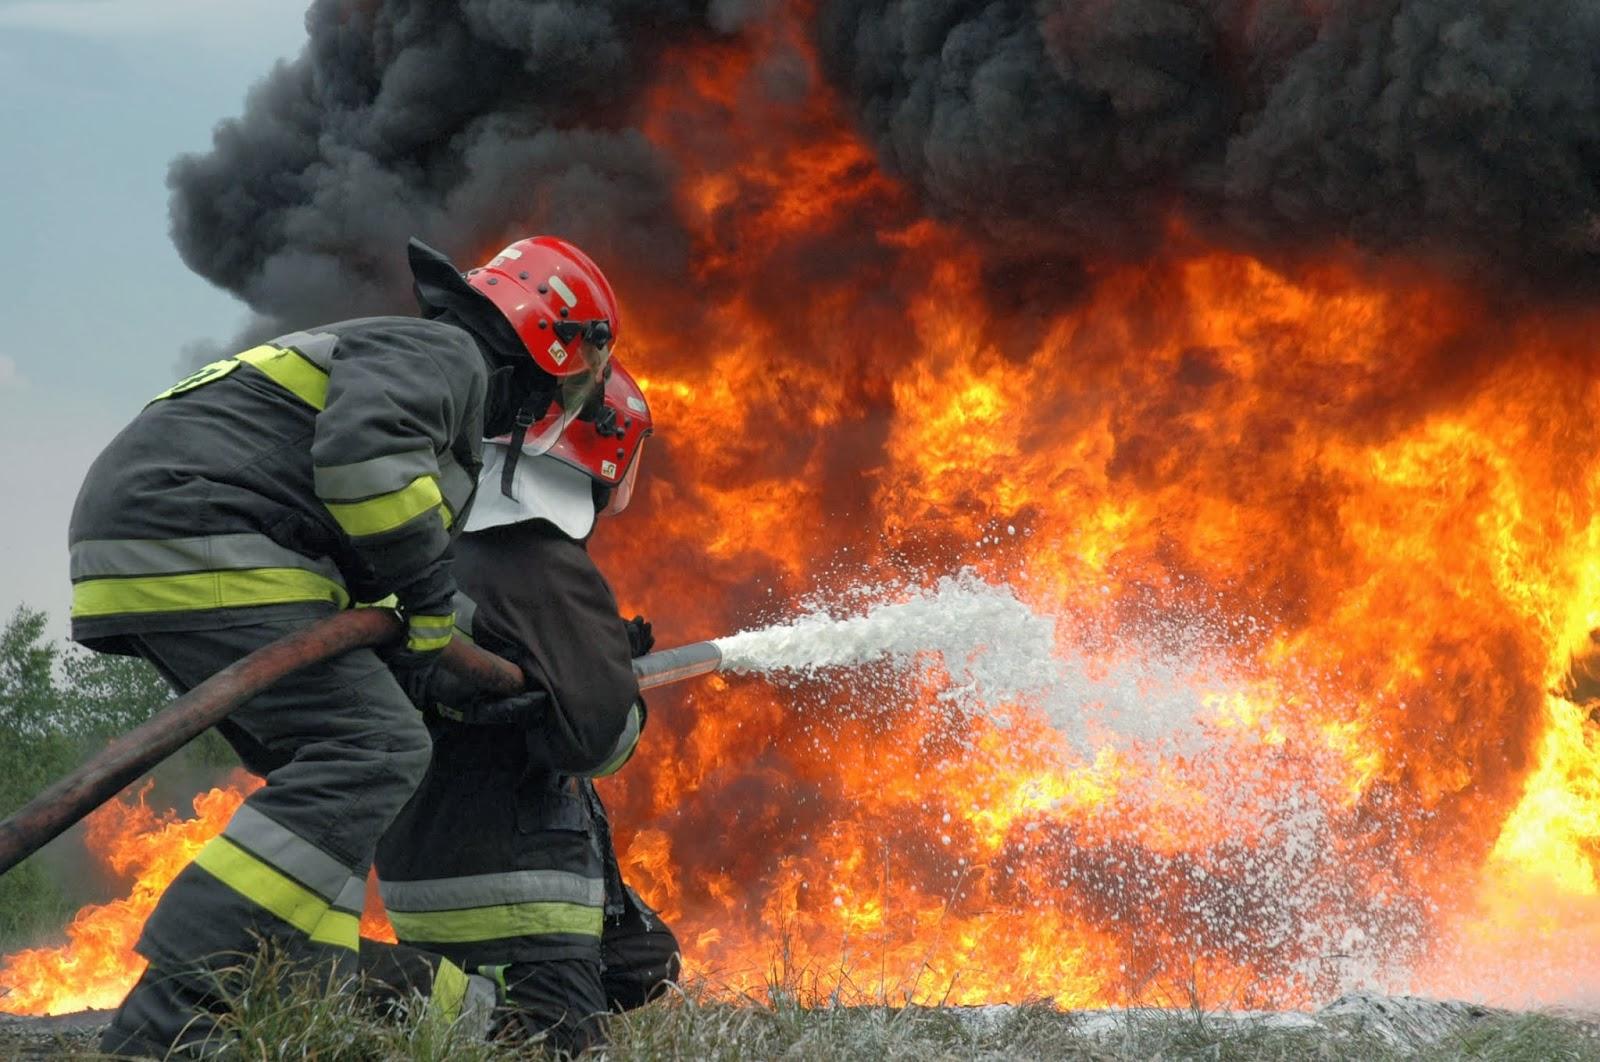 الحرائق التهمت 841 هكتارا من المساحات الغابوية سنة 2018